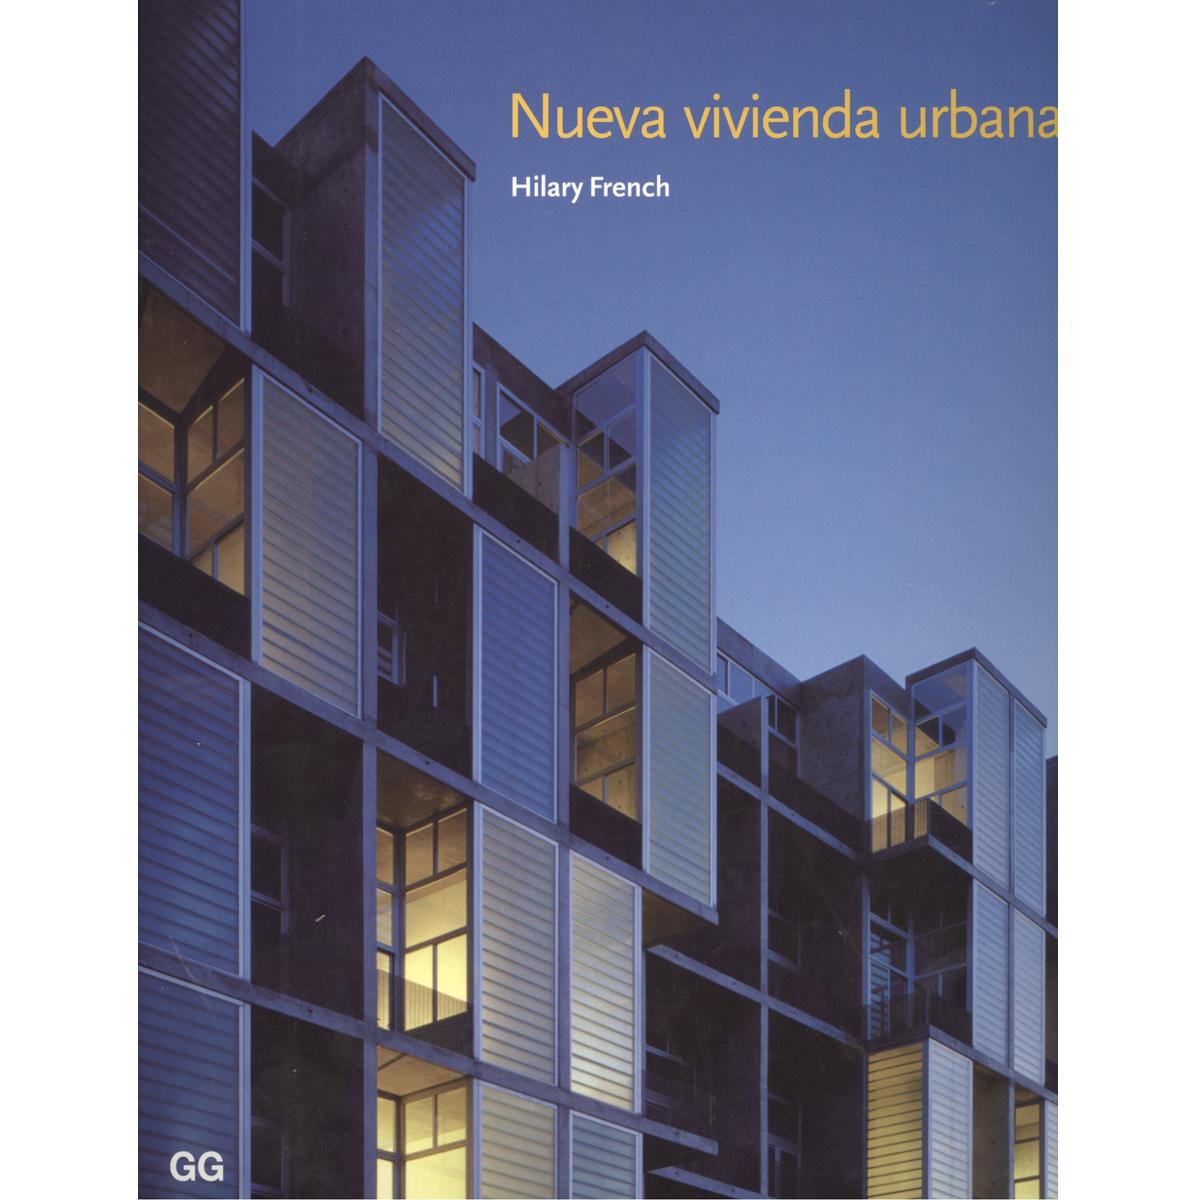 Nueva vivienda urbana